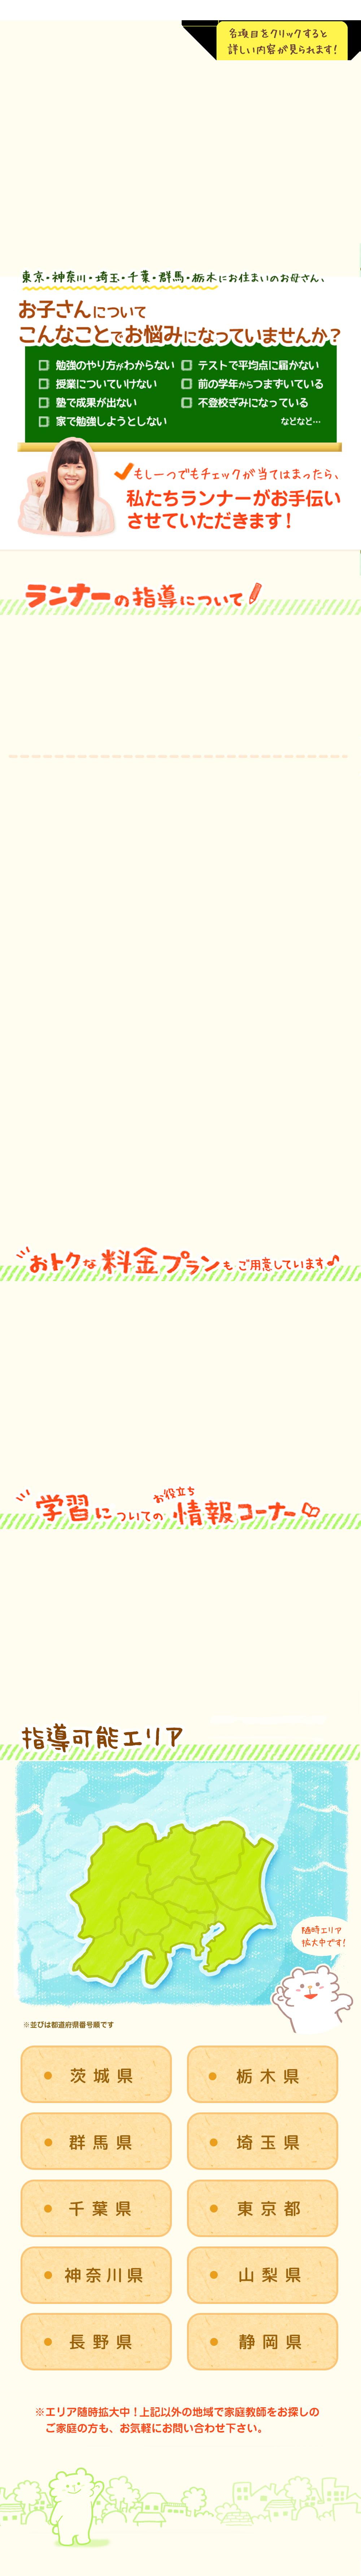 東京・神奈川・埼玉・千葉・群馬・栃木・茨城・長野・静岡・山梨にお住まいのお母さん、お子さんについてこんなことでお悩みになっていませんか?「勉強のやり方がわからない」「テストで平均点に届かない」「授業についていけない」「前の学年からつまずいている」「塾で成果が出ない」「不登校ぎみになっている」「家で勉強しようとしない」もし一つでもチェックが当てはまったら、私たち家庭教師のランナーがお手伝いさせていただきます!【家庭教師のランナーの指導について・お得な料金プランもご用意しています・学習についてのお役立ち情報コーナー・指導可能エリアは東京・神奈川・埼玉・千葉・群馬・栃木・茨城・長野・静岡・山梨の関東・甲信越】